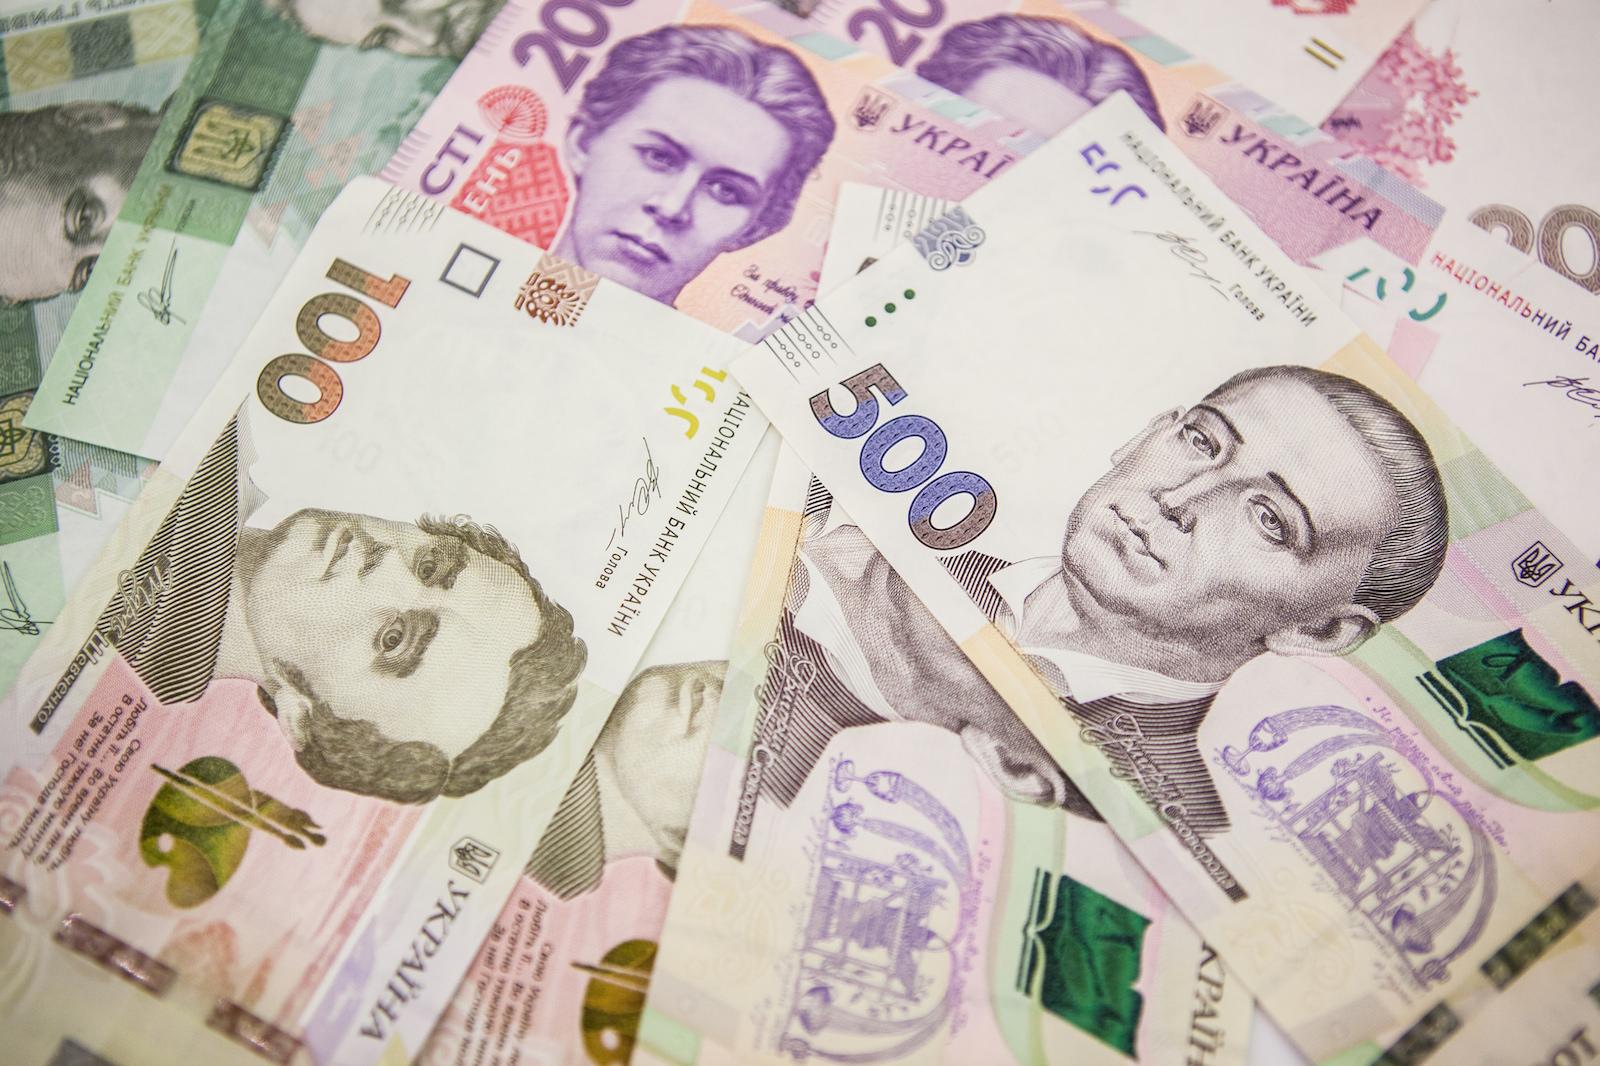 50 тысяч гривен каждому украинцу: что предлагают депутаты. Новости Украины